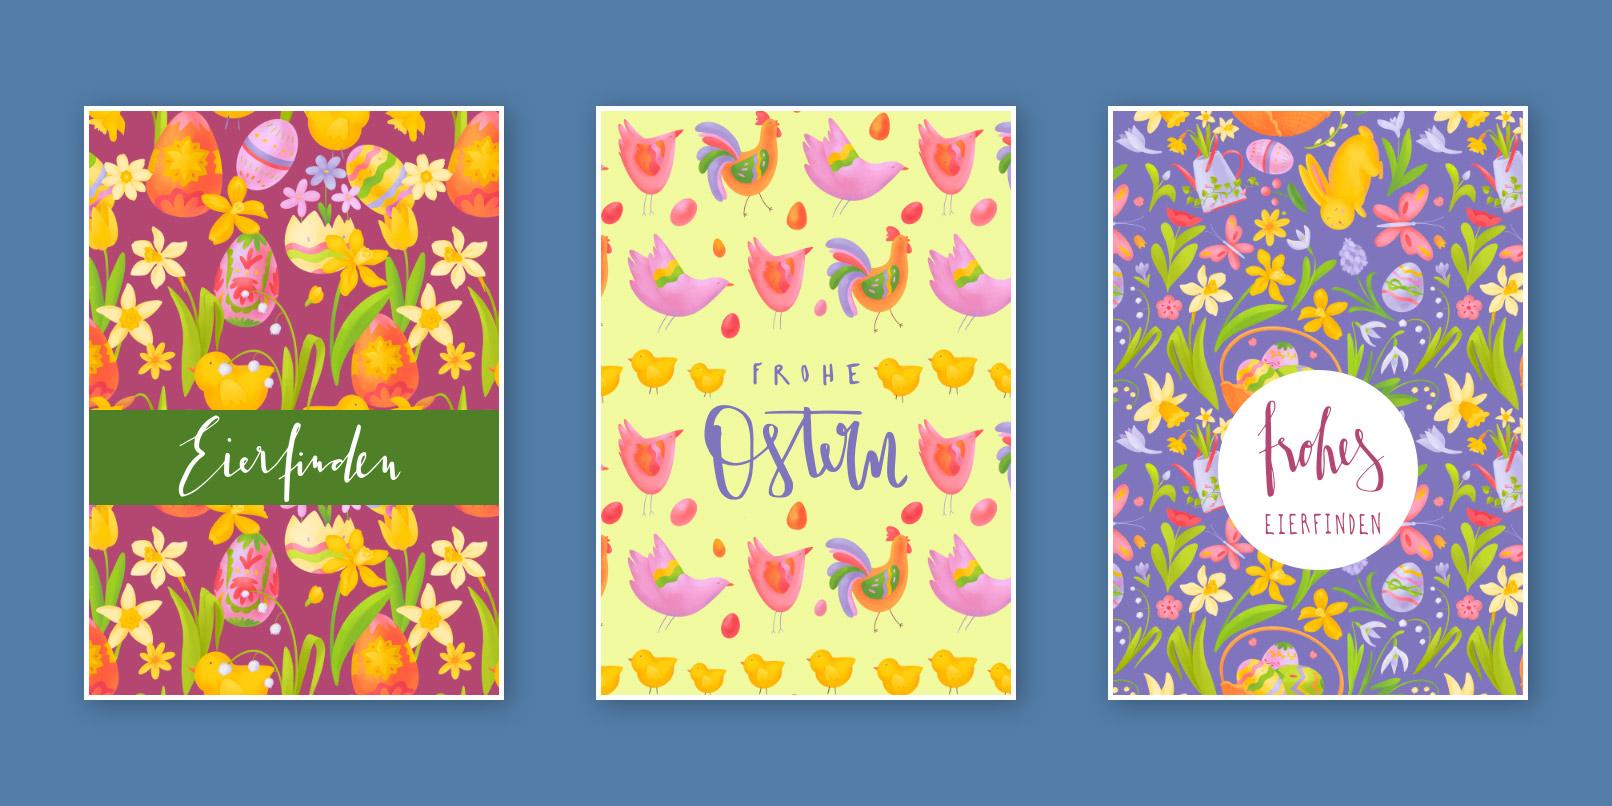 Ostergrußkarten mit Mustern als Hintergrundbilder und österlichen Sprüchen